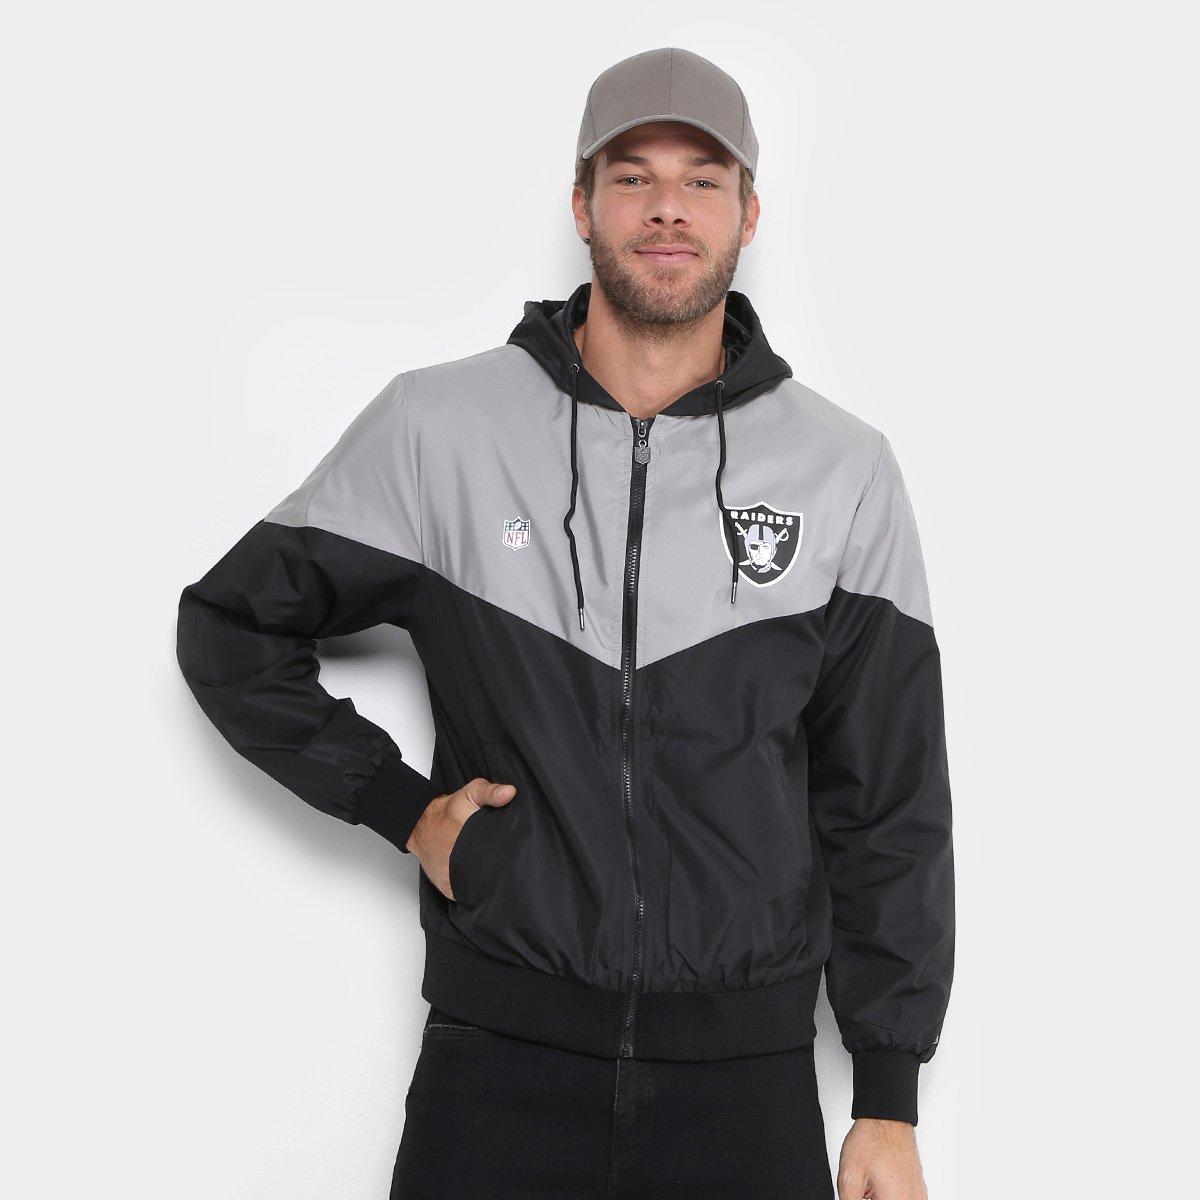 Jaqueta NFL Oakland Raiders New Era Sport Veins Masculina - Compre Agora  35636957272